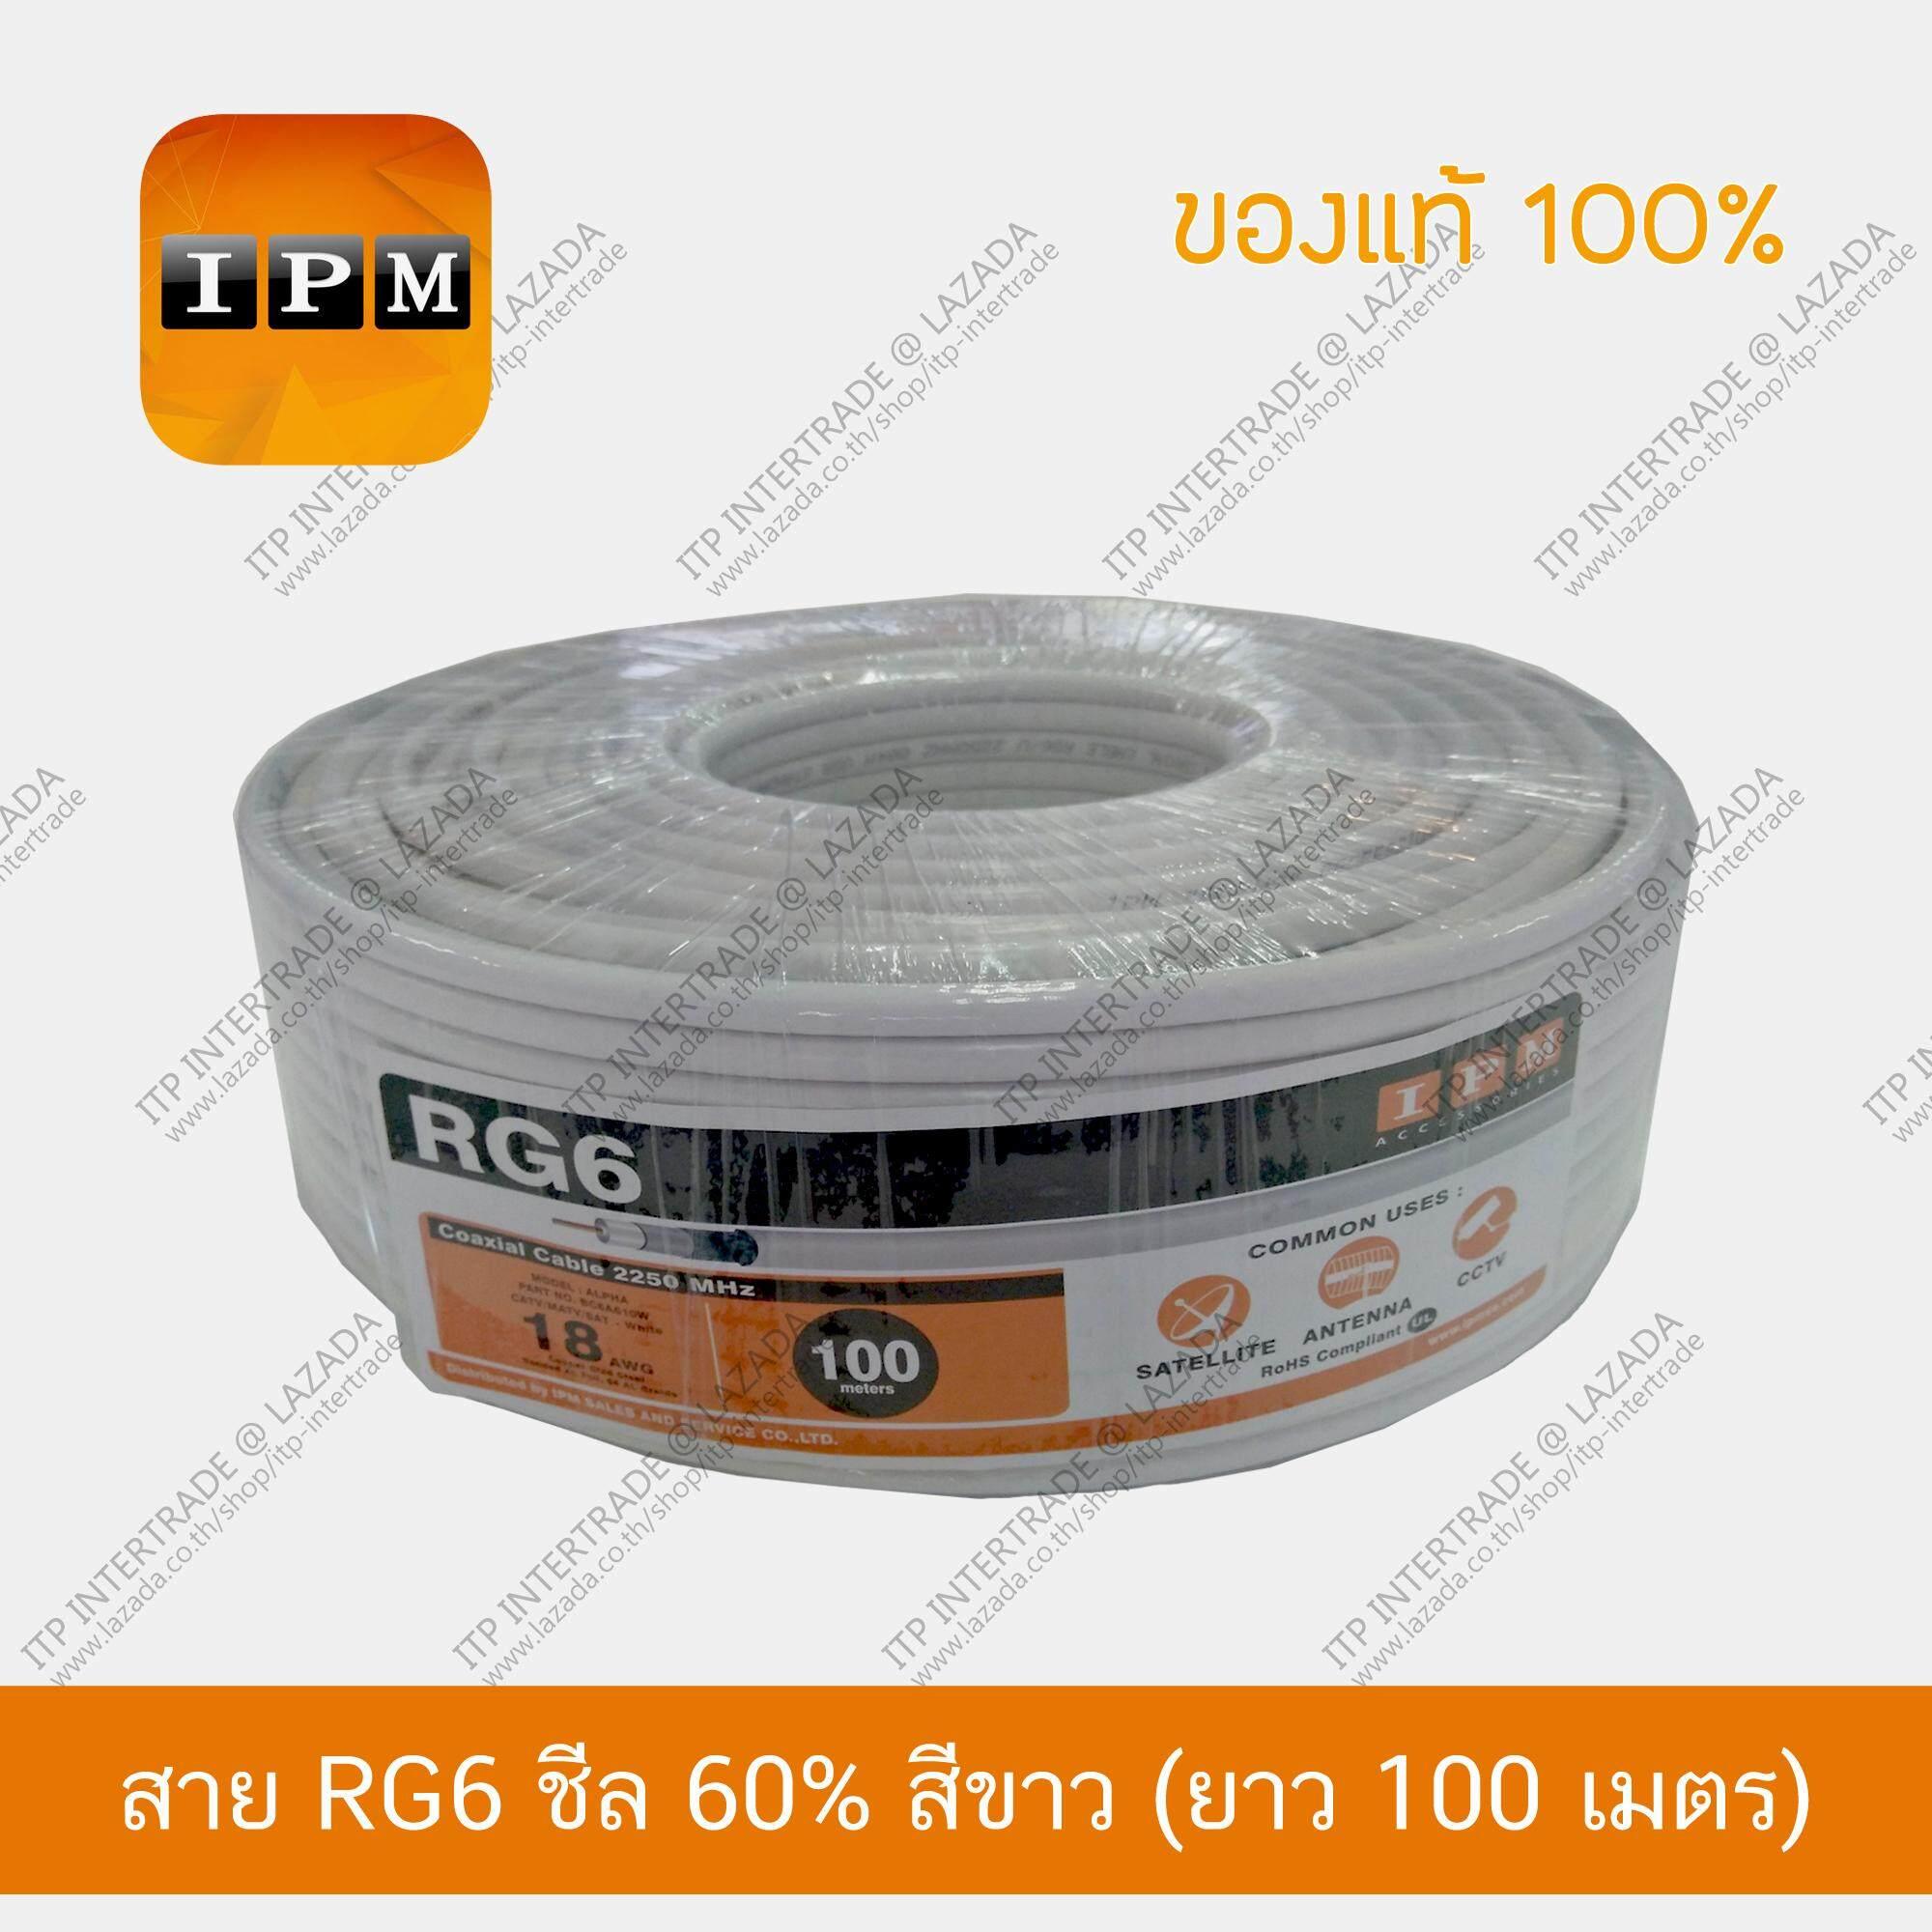 ลดสุดๆ IPM สายนำสัญญาณ RG6 ชีล 60% สีขาว ยกม้วน ยาว 100 เมตร (ส่ง kerry ฟรี)